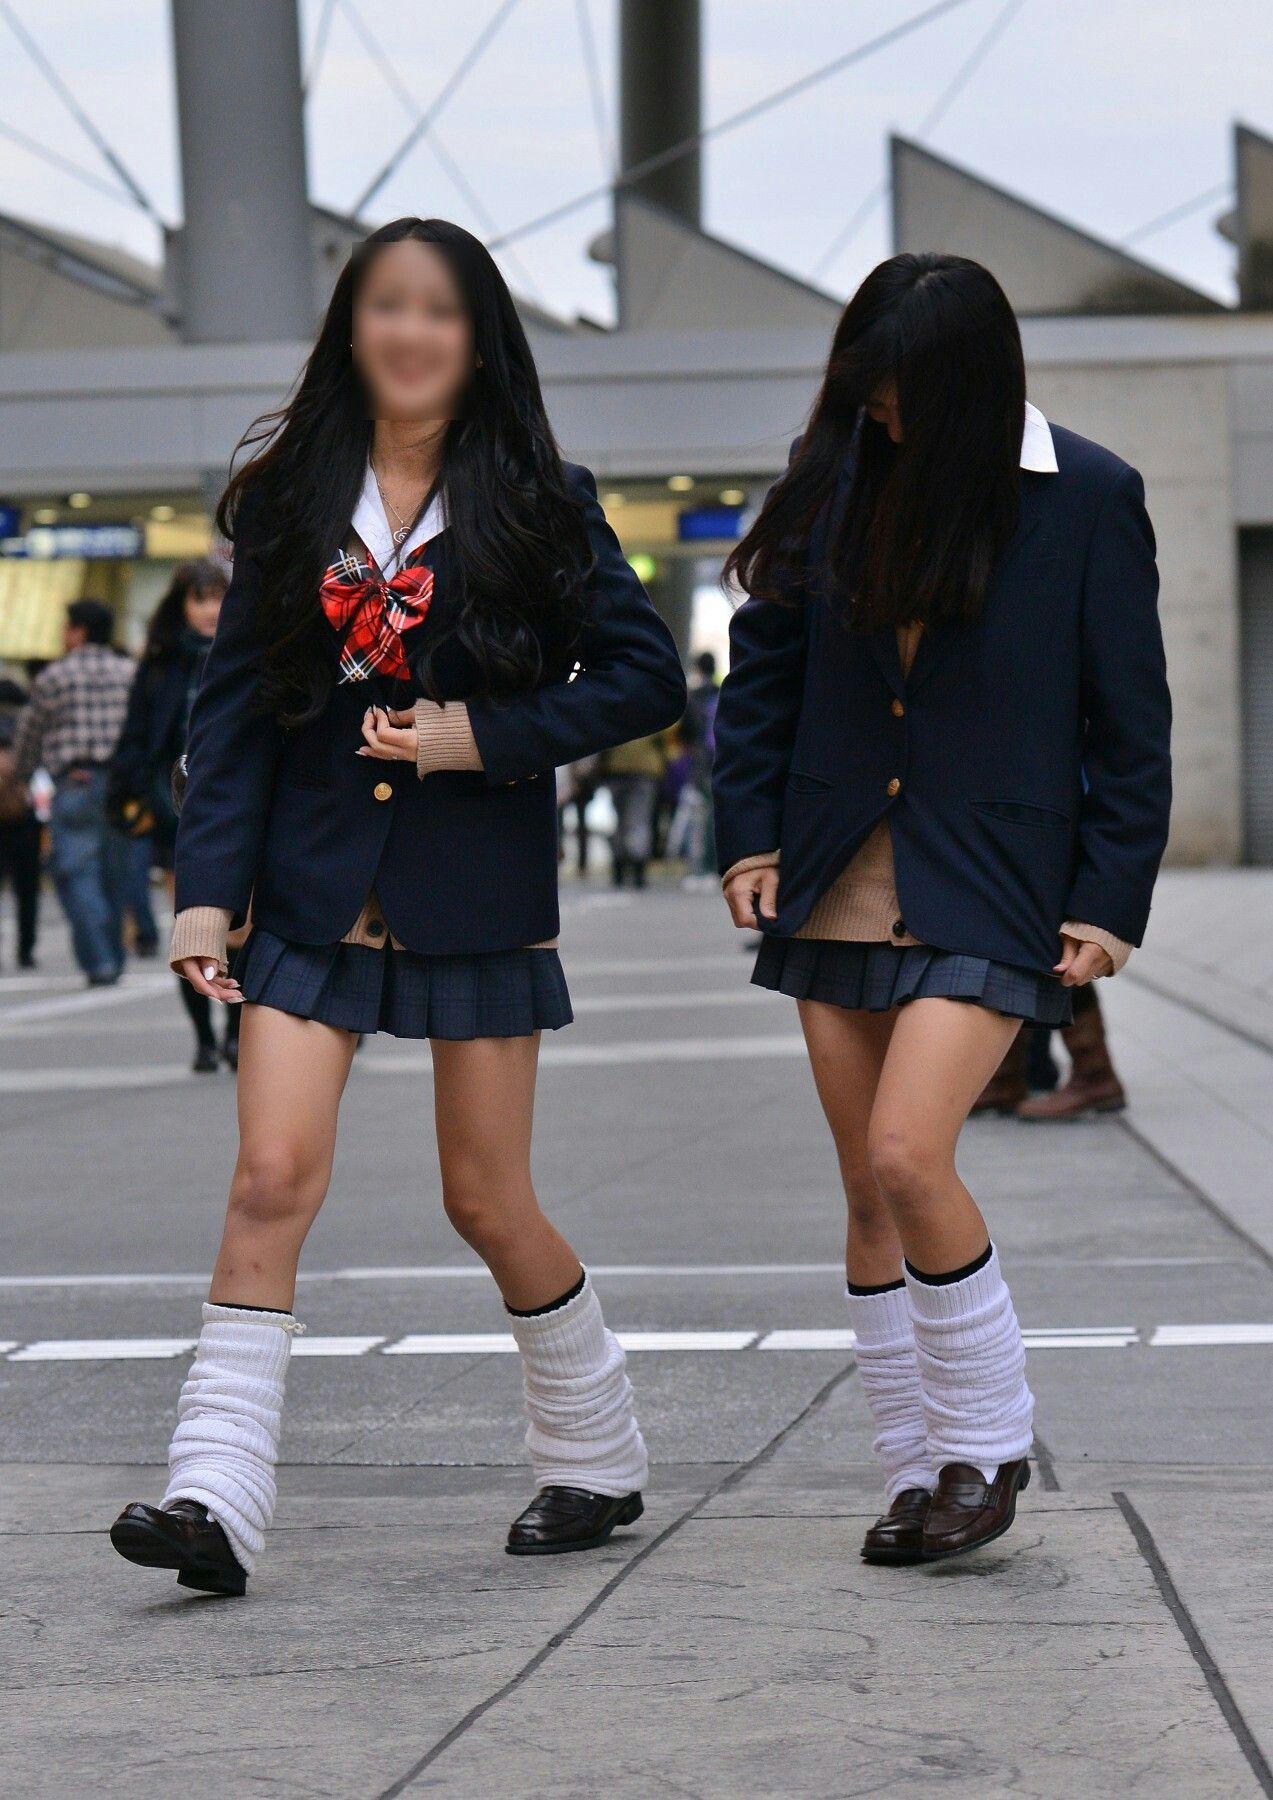 【画像】女子高生てYシャツに直ブラだからほぼ裸みたいなもんよなwww | JKちゃんねる|女子高生画像サイト